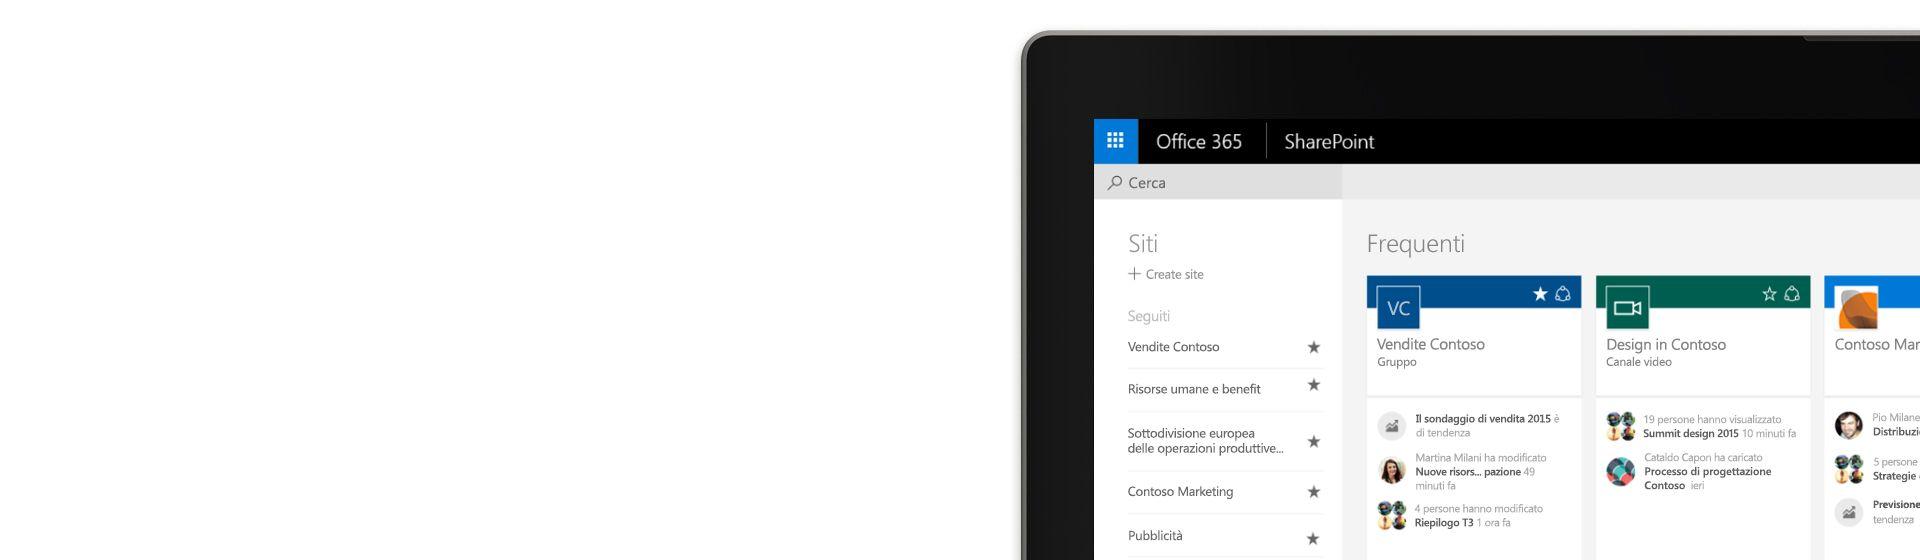 Angolo dello schermo di un laptop che visualizza Office 365 SharePoint per Contoso